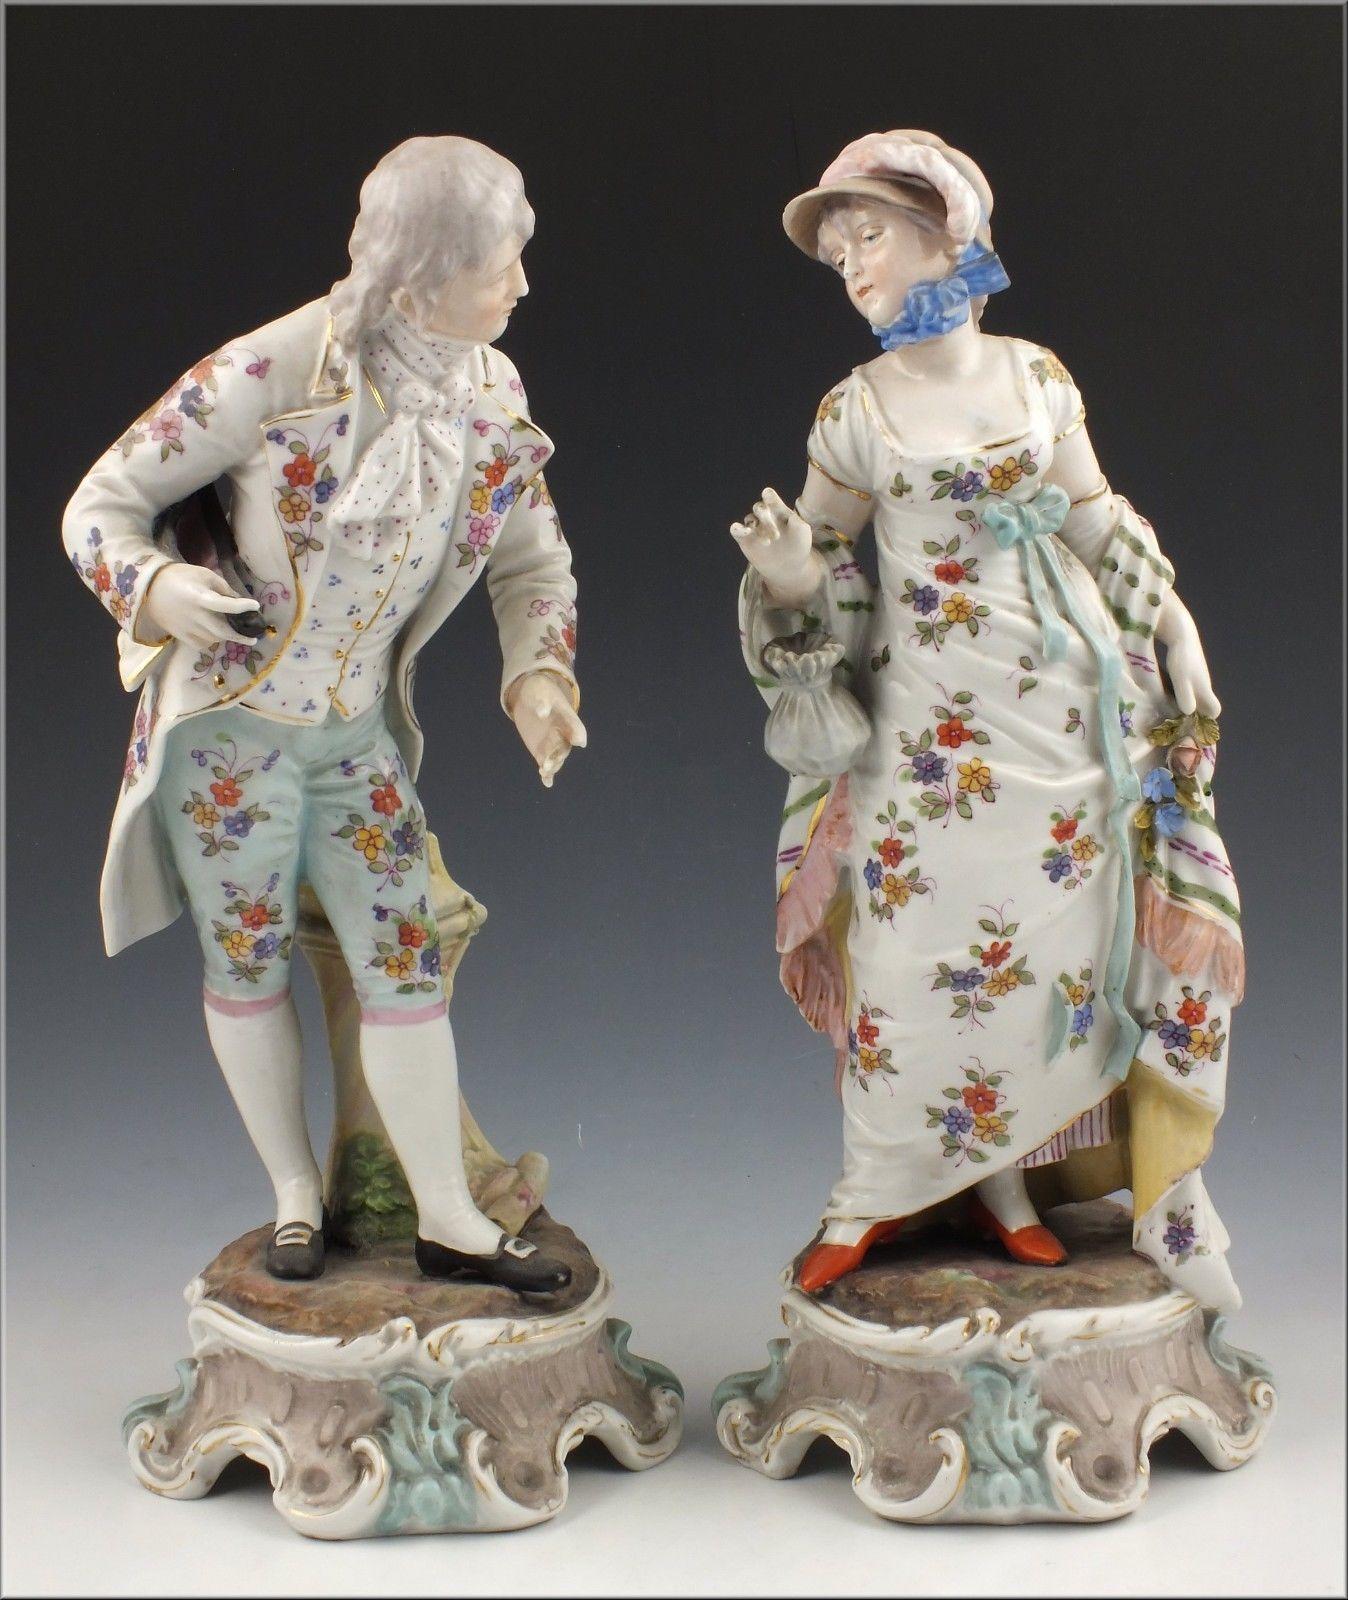 Wonderful Pair of 19th C Volkstedt-Rudolstadt Figurines of